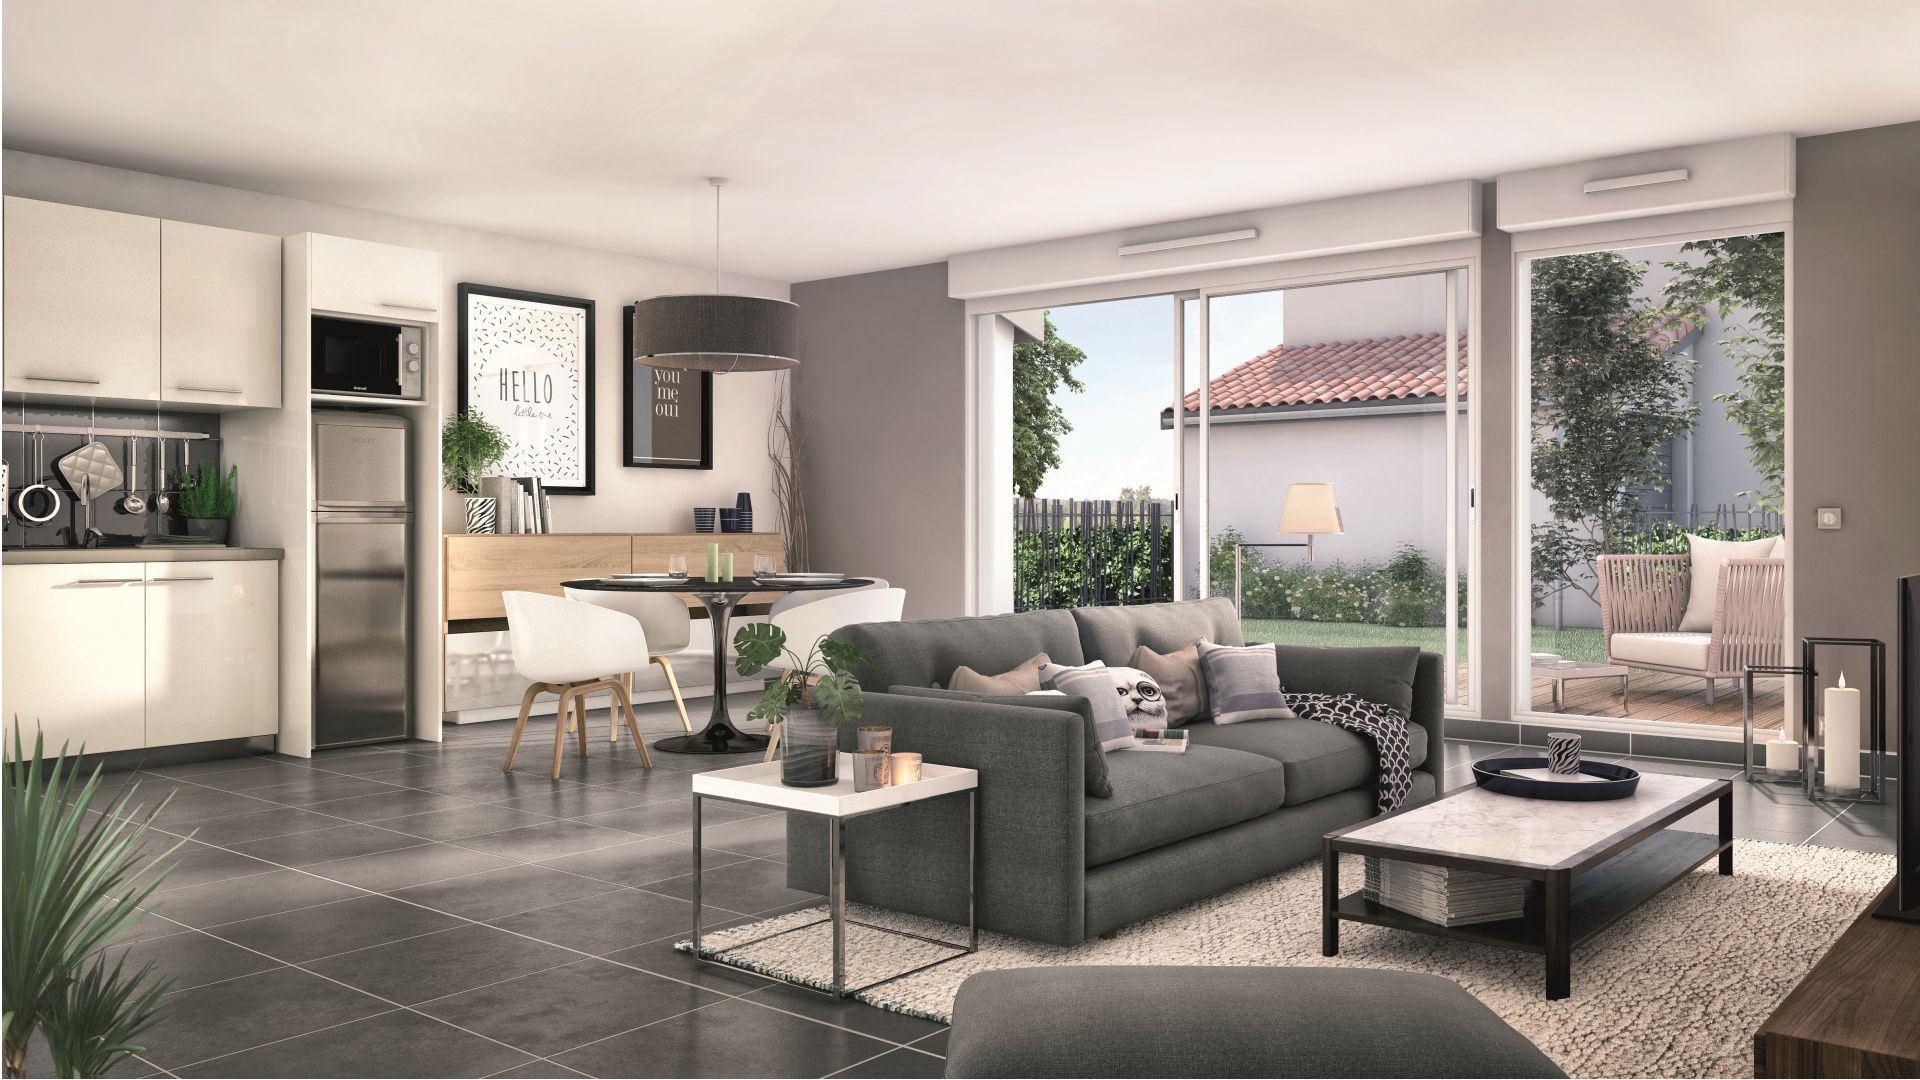 Greencity Immobilier Castelginest - Domaine Castelia - Villa T3 intérieur